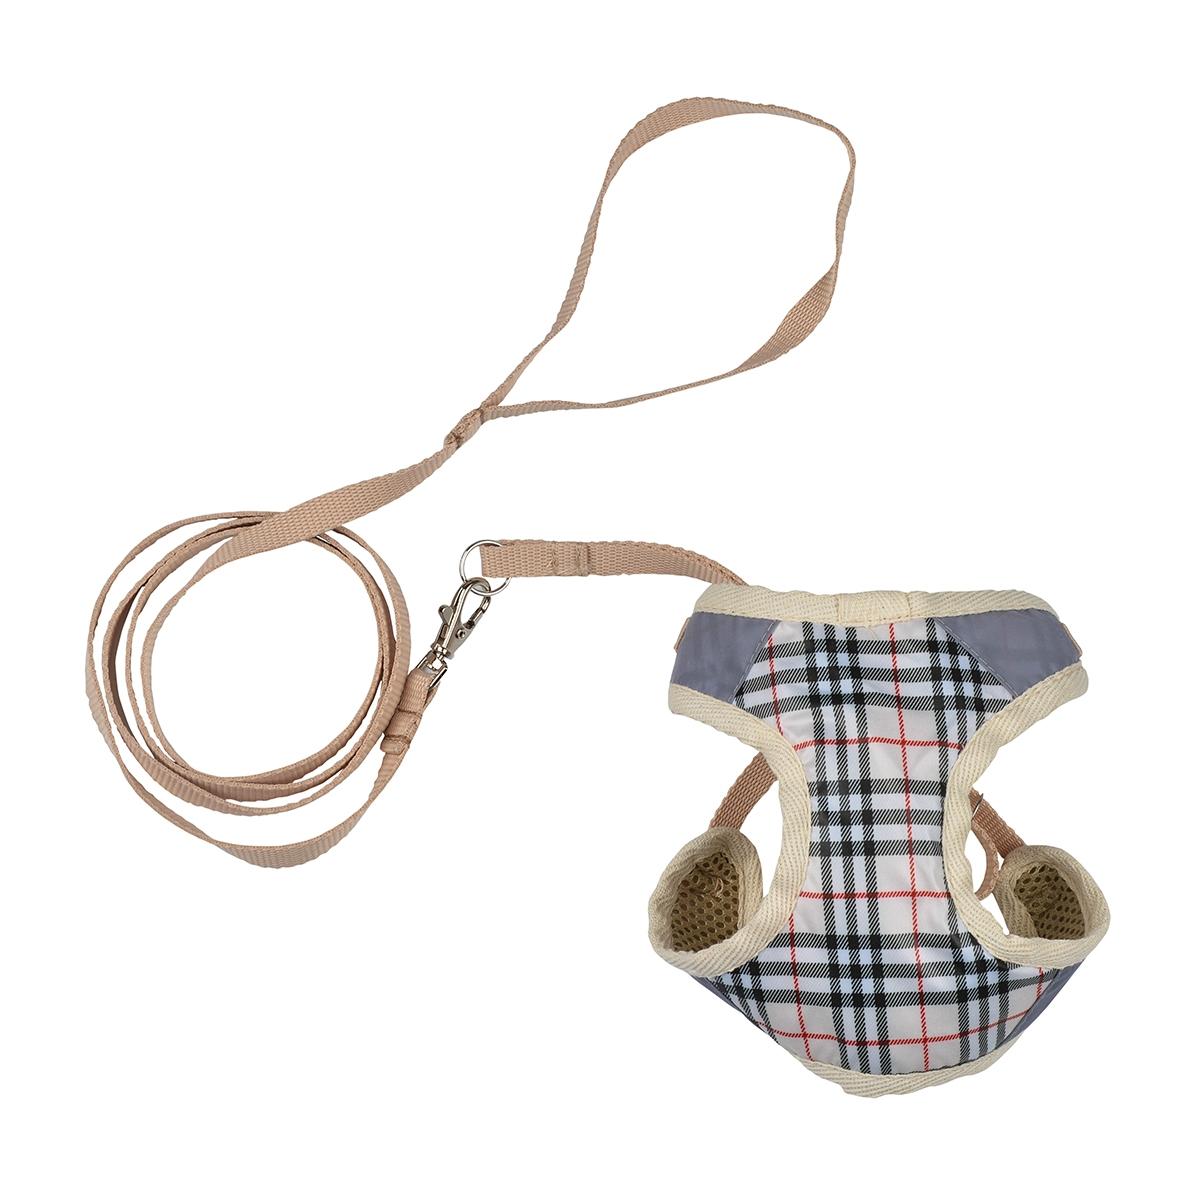 Dogmoda Комплект Ватсон (шлейка и поводок) размер 4DM-130064-4Комплект для прогулки Ватсон, состоящий из шлейки и поводка. Выполнен из практичной моющейся ткани.